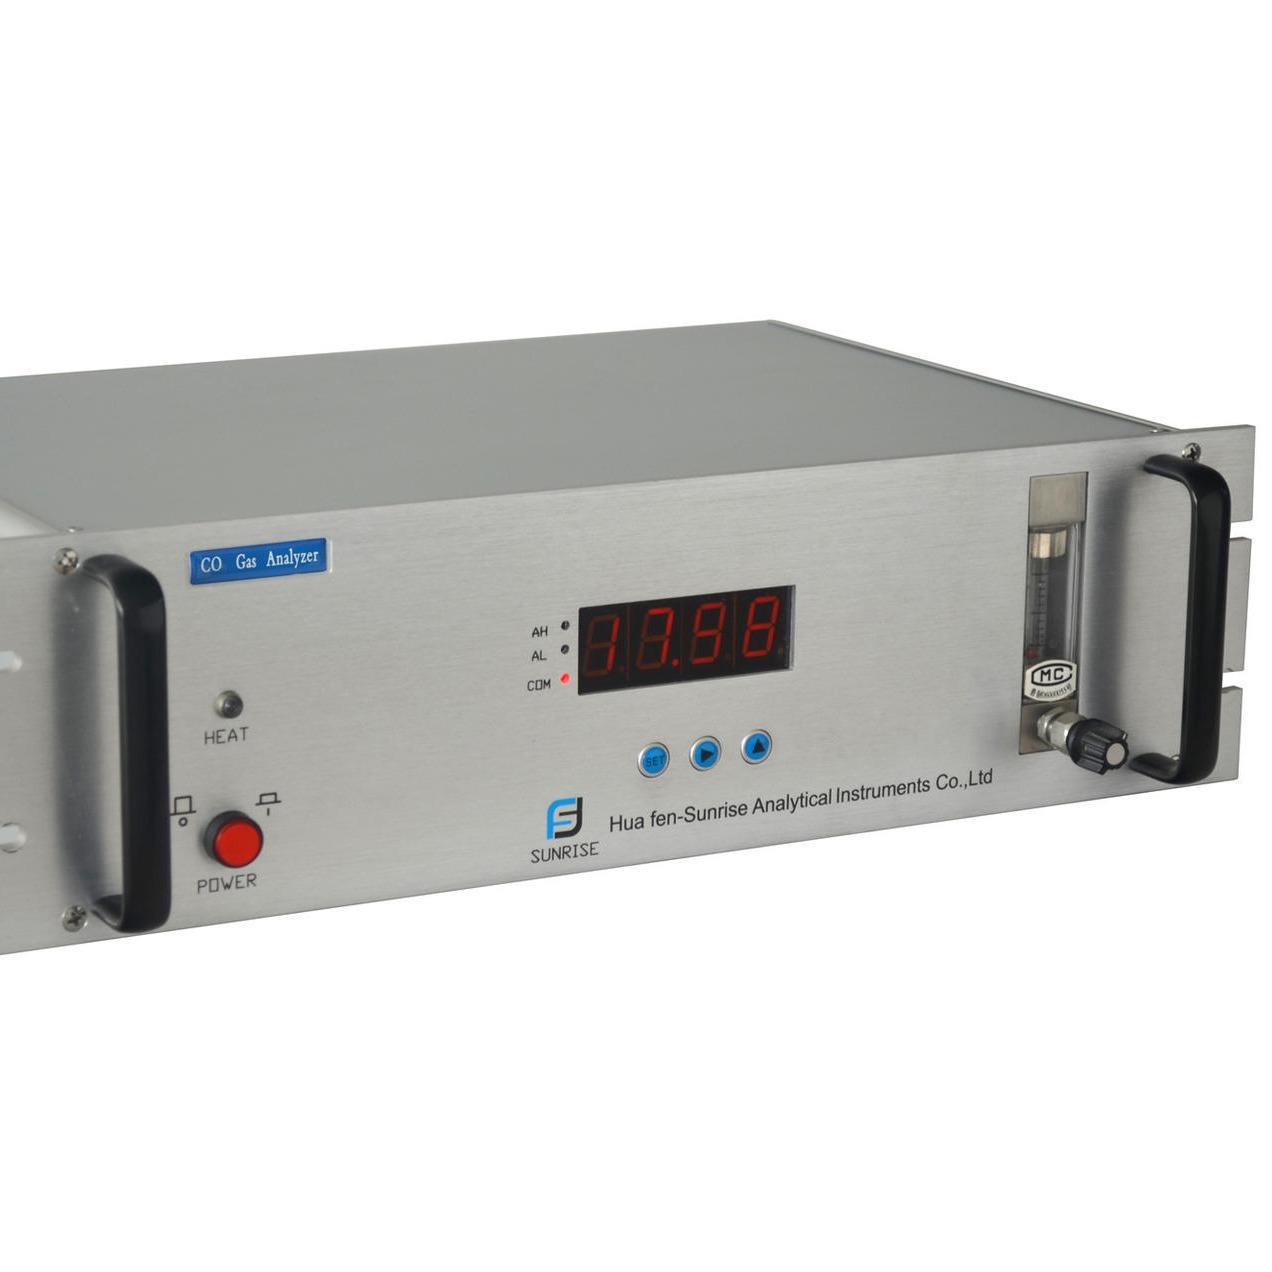 華分賽瑞SR-2000紅外線氣體分析儀